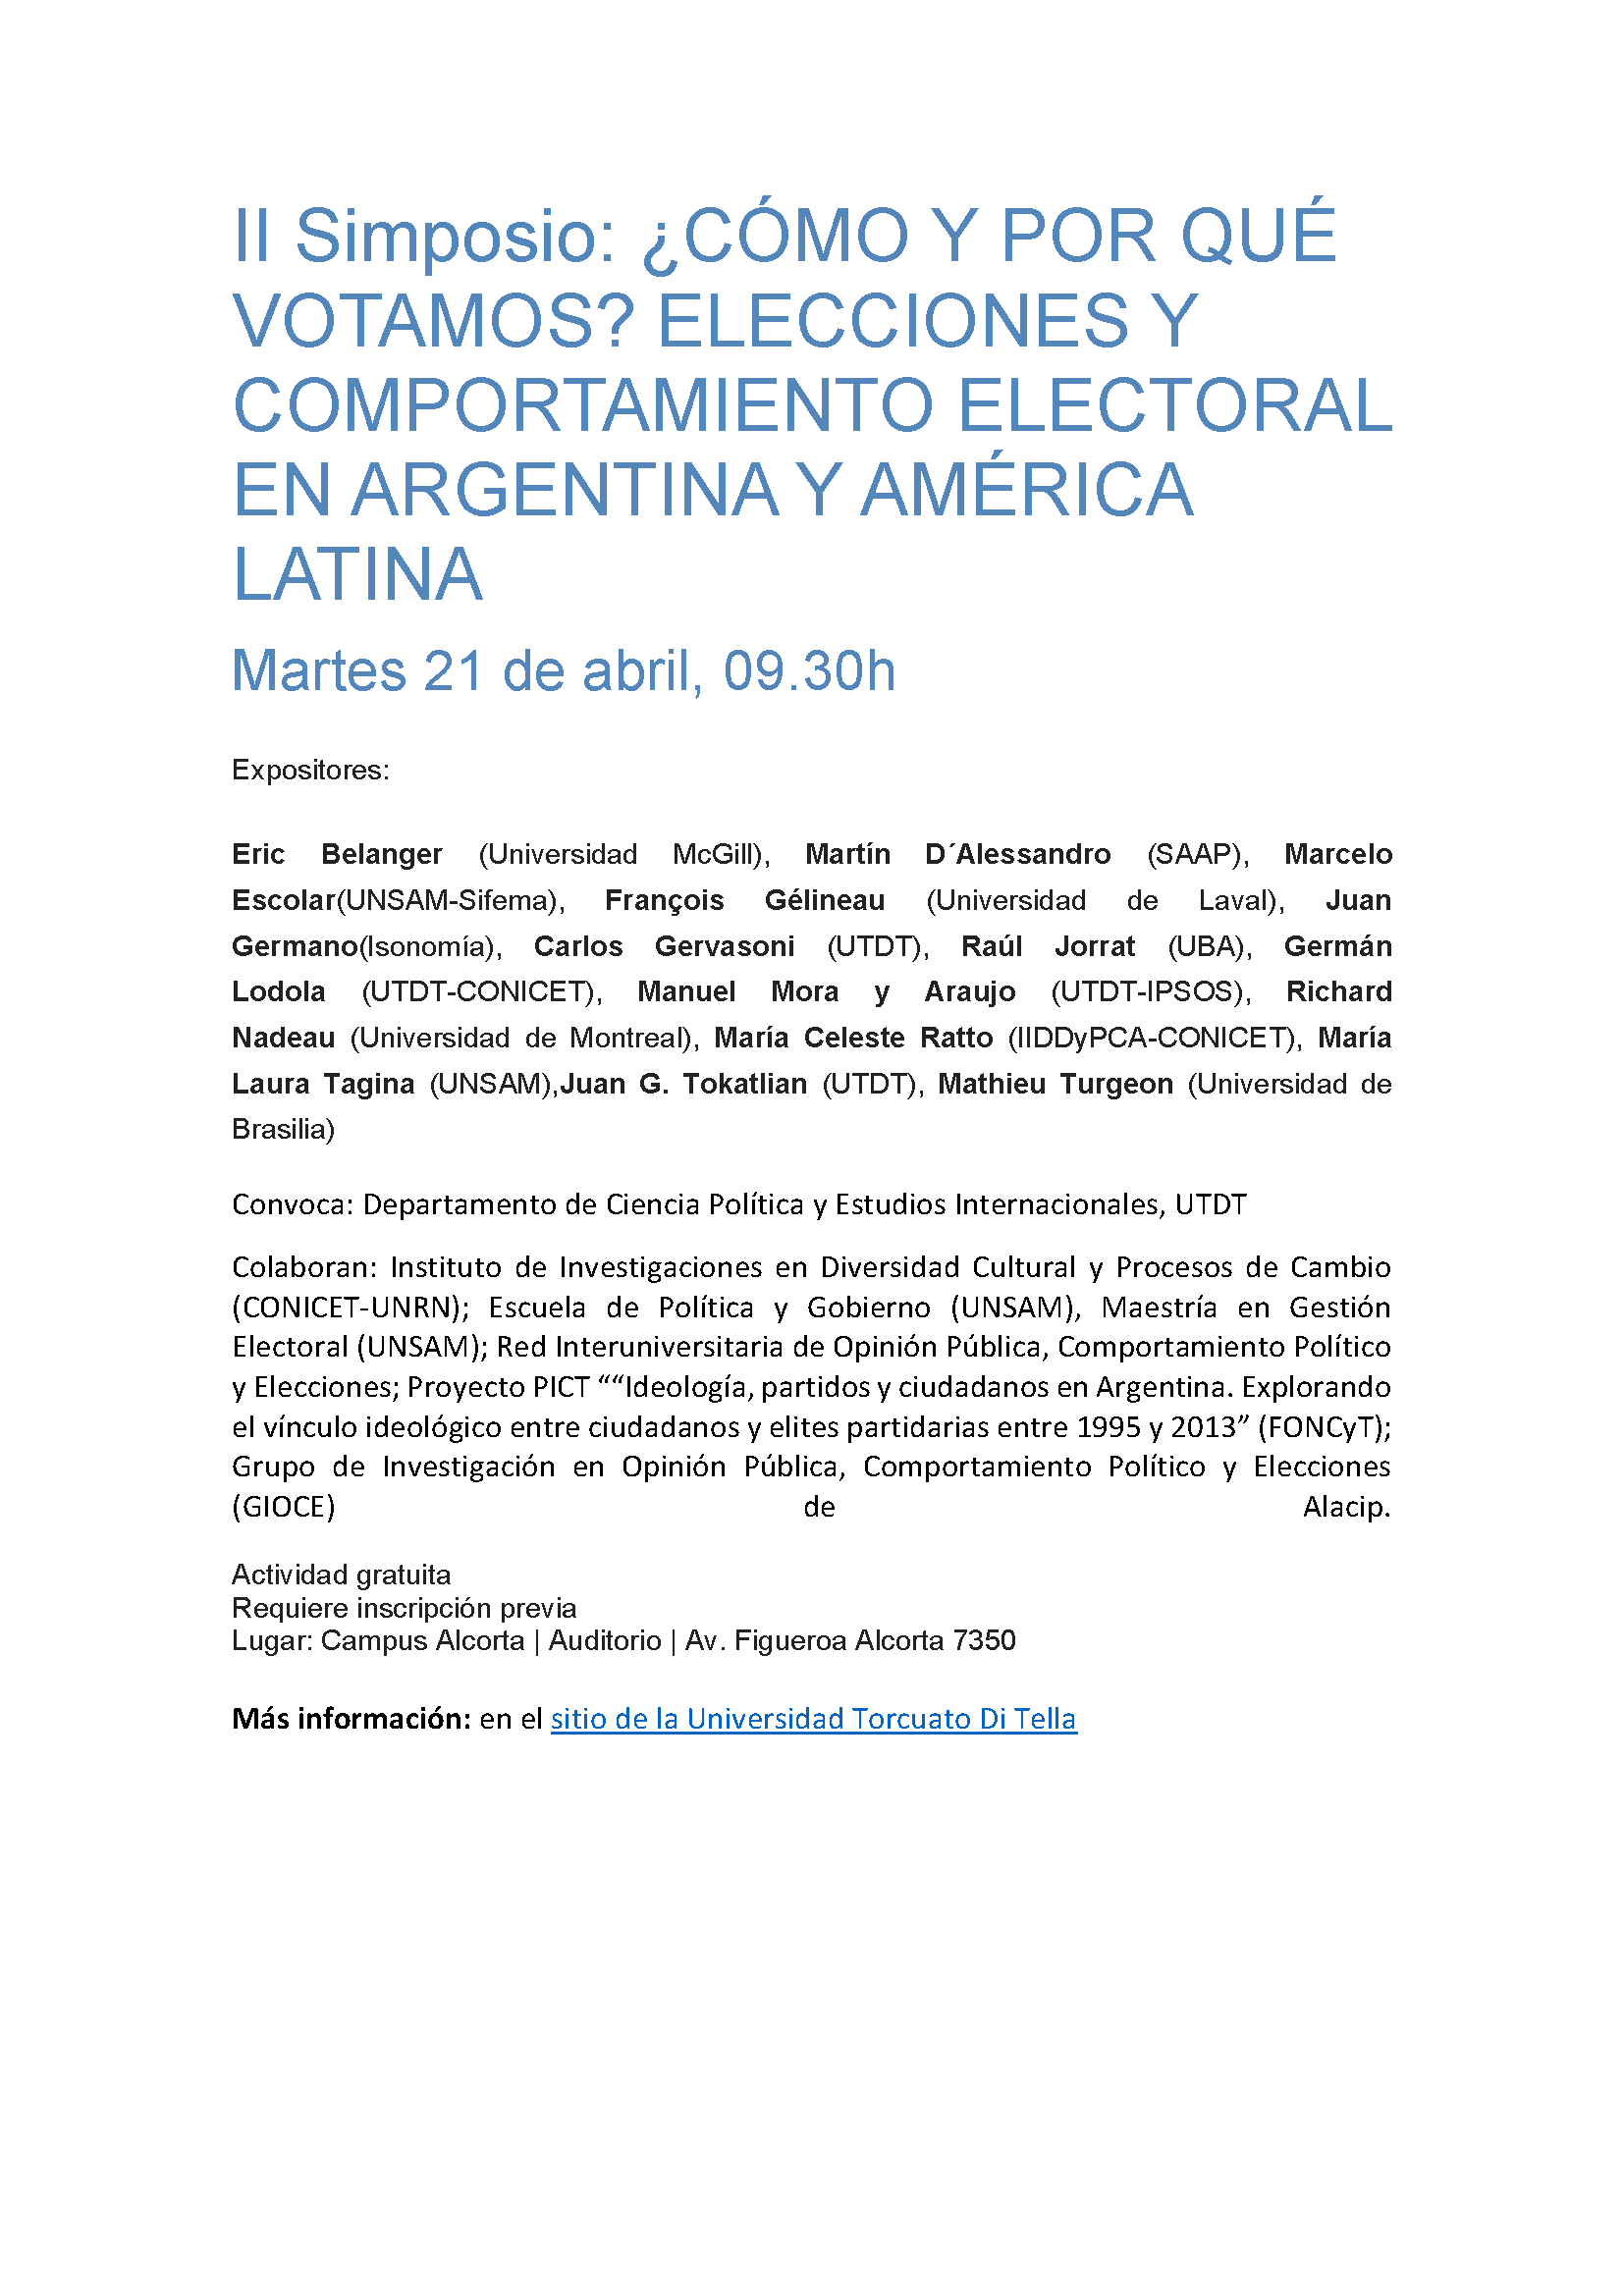 II Simposio Comportamiento Electoral